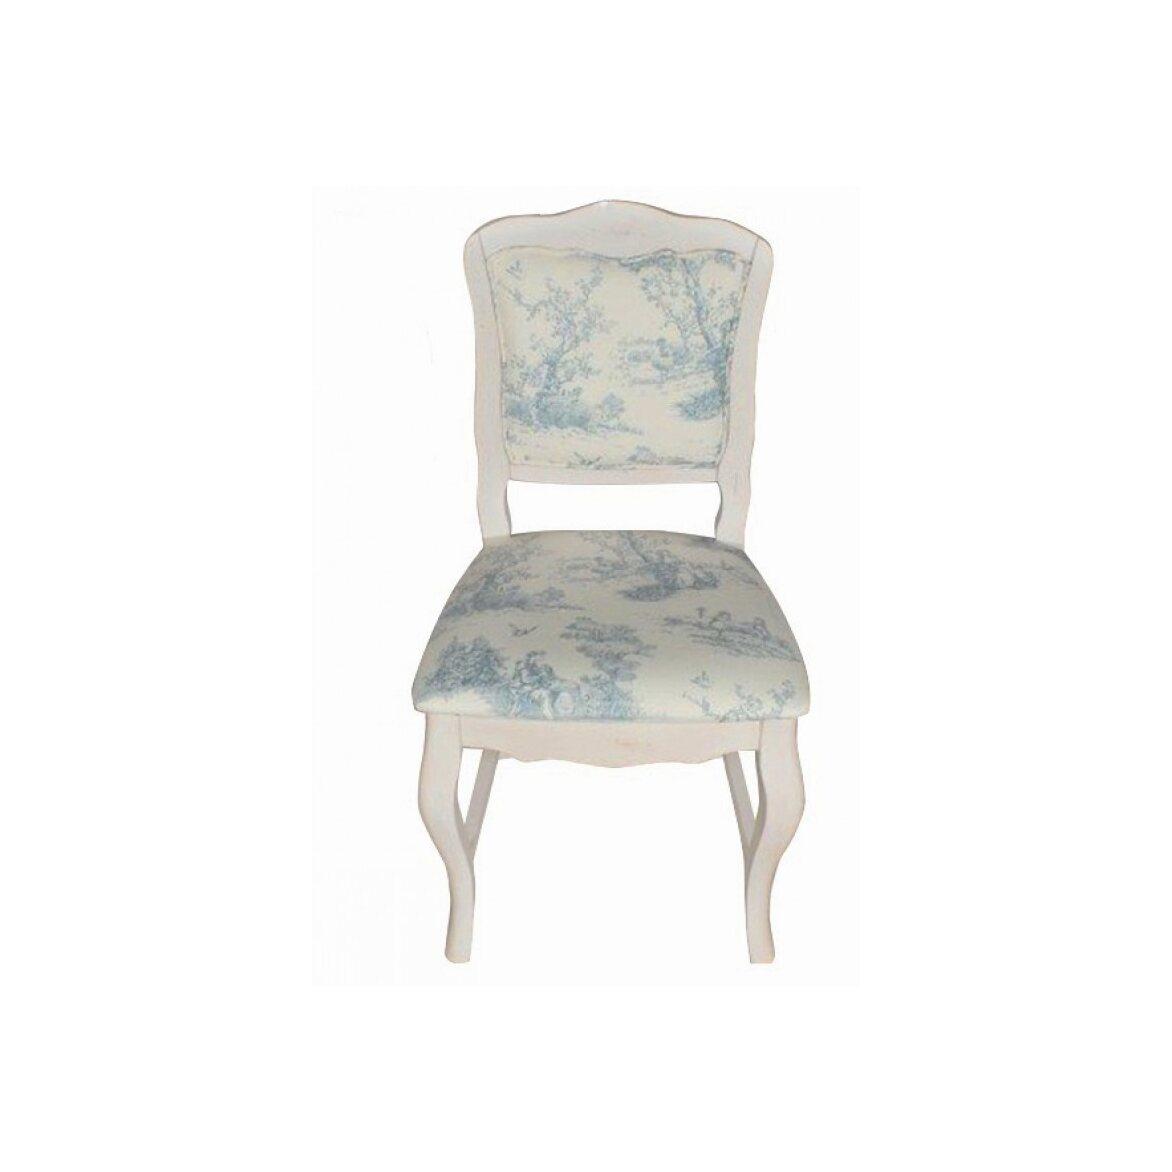 Стул Leontina с мягким сиденьем, бежевого цвета | Обеденные стулья Kingsby